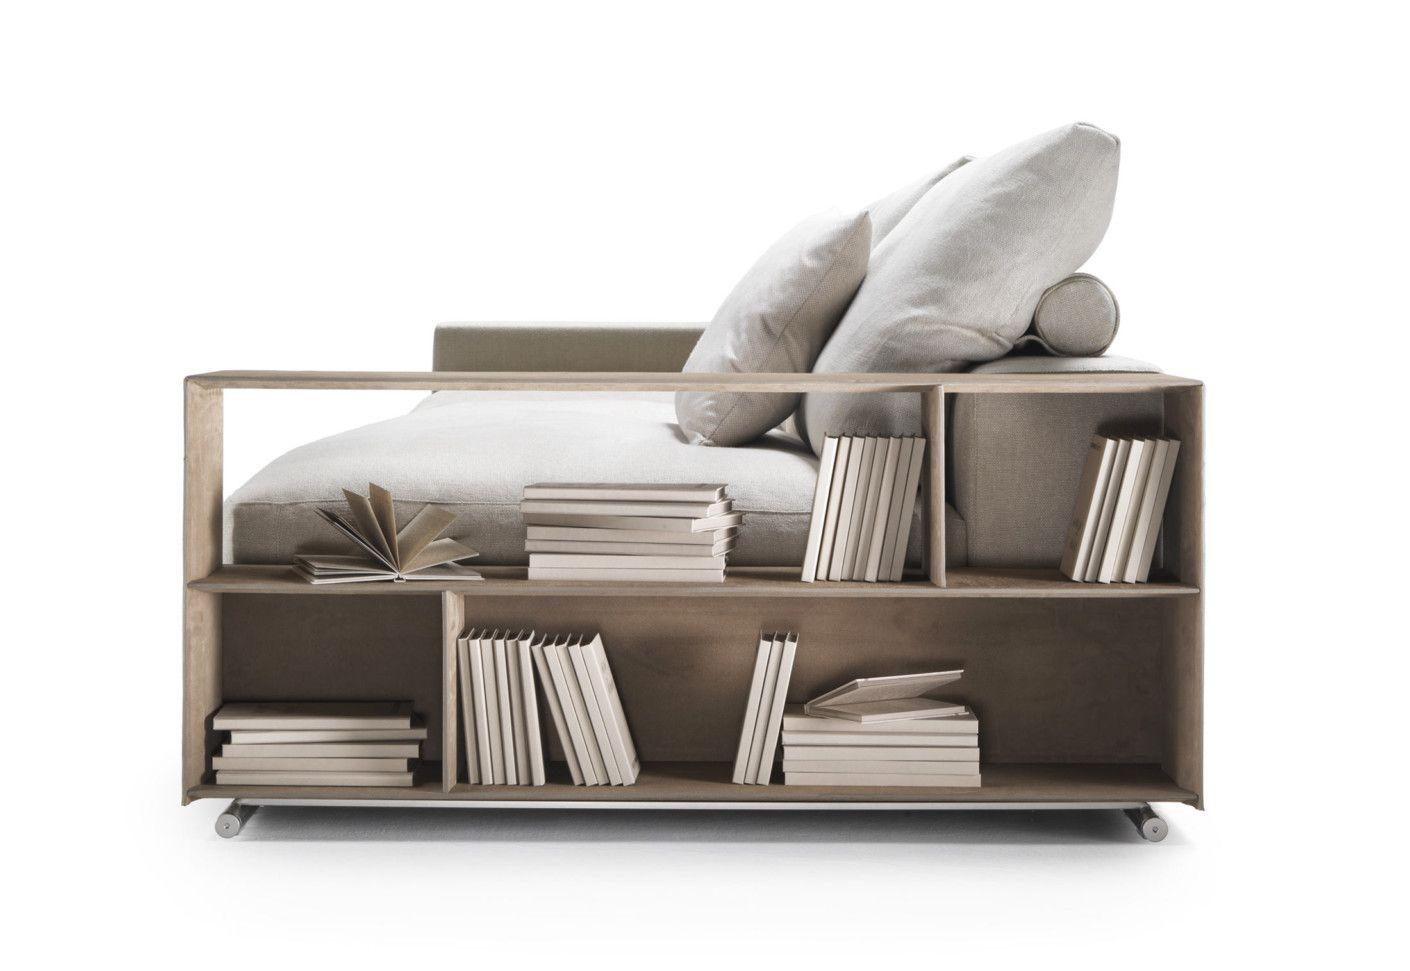 Groundpiece Sectional Sofa By Flexform Stylepark Diana